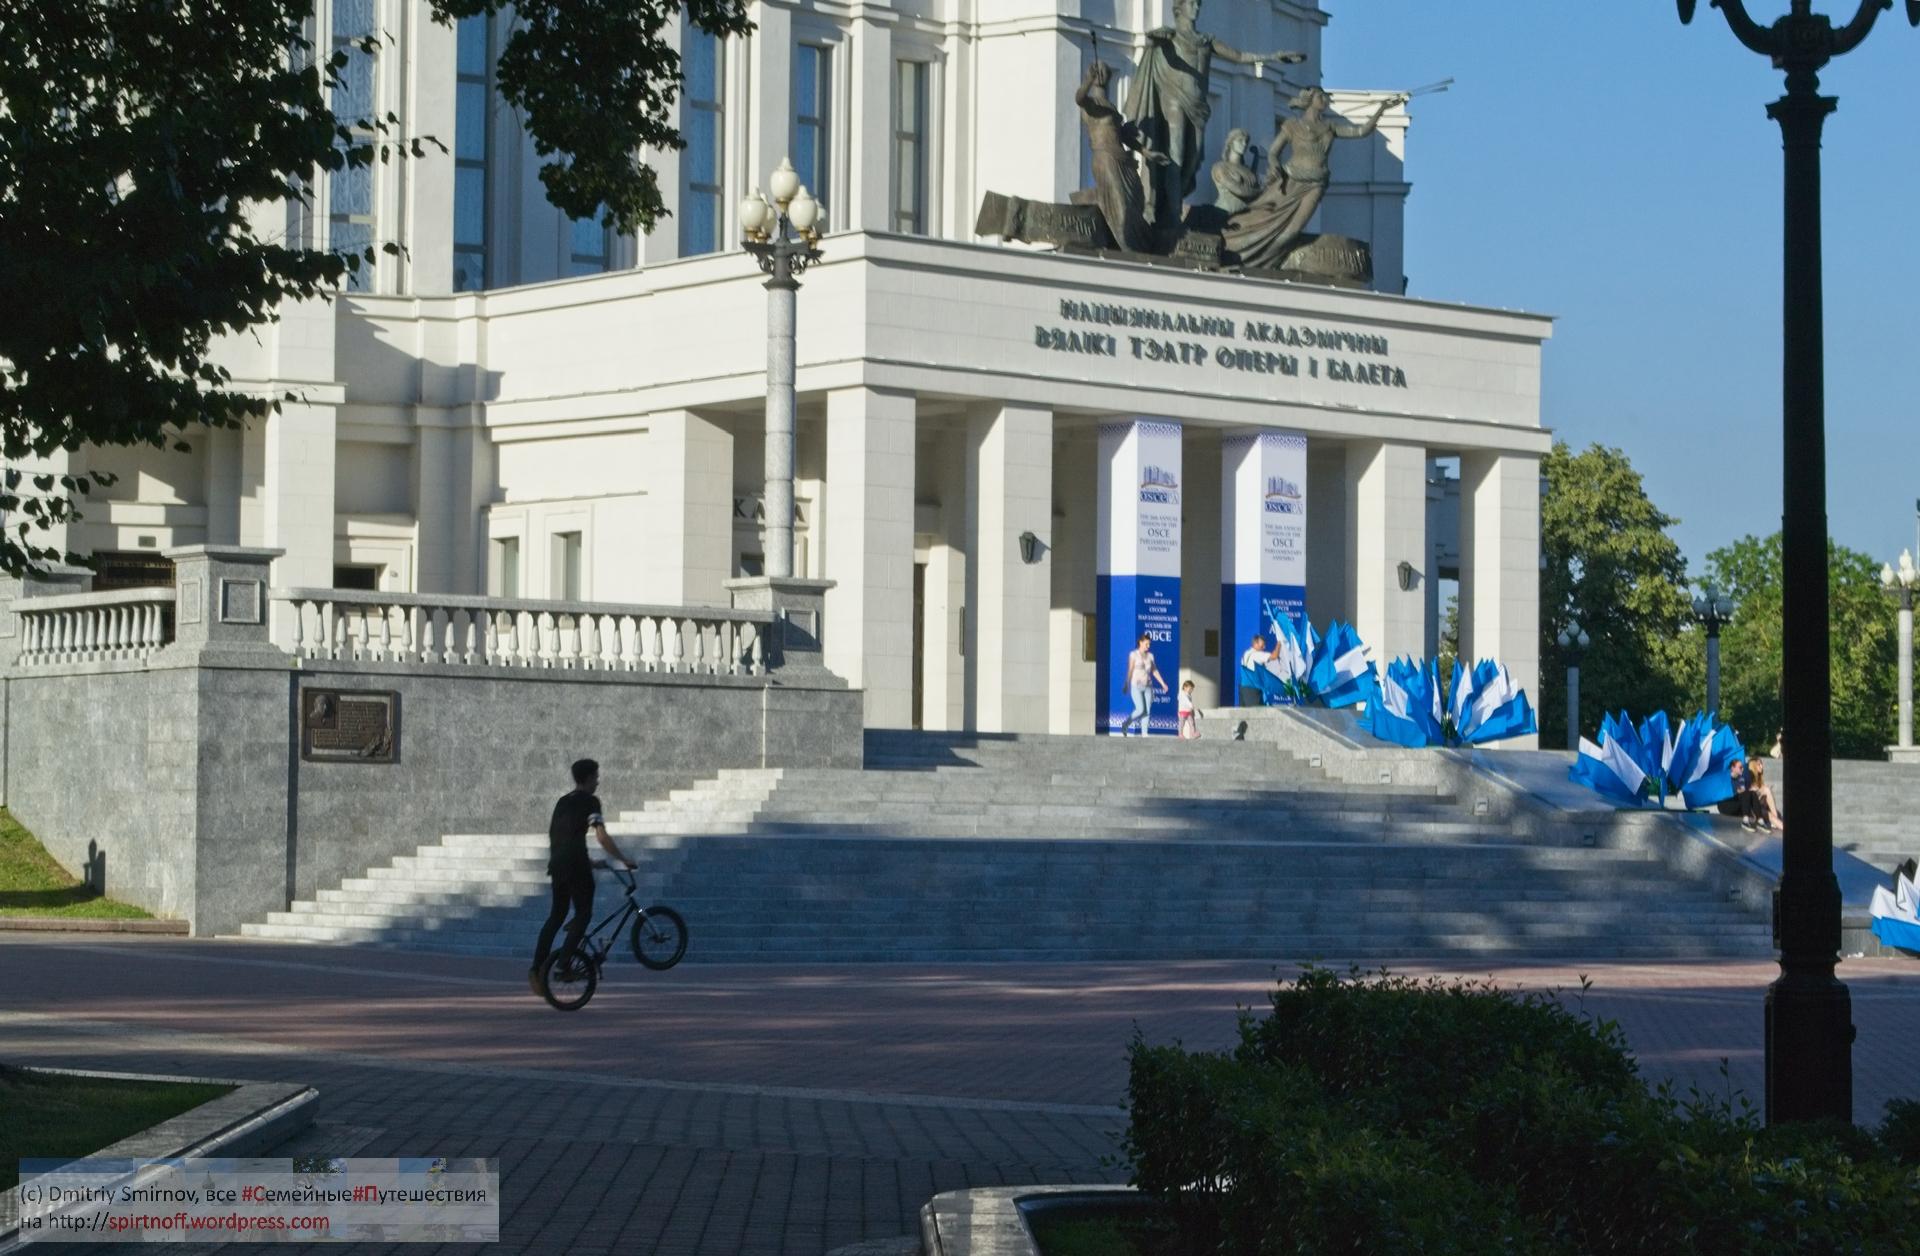 DSC_6703-Blog-25 Путешествия  Минск, Большой театр, сквер Марата Казея, сквер Янки Купалы, проспект Независимости